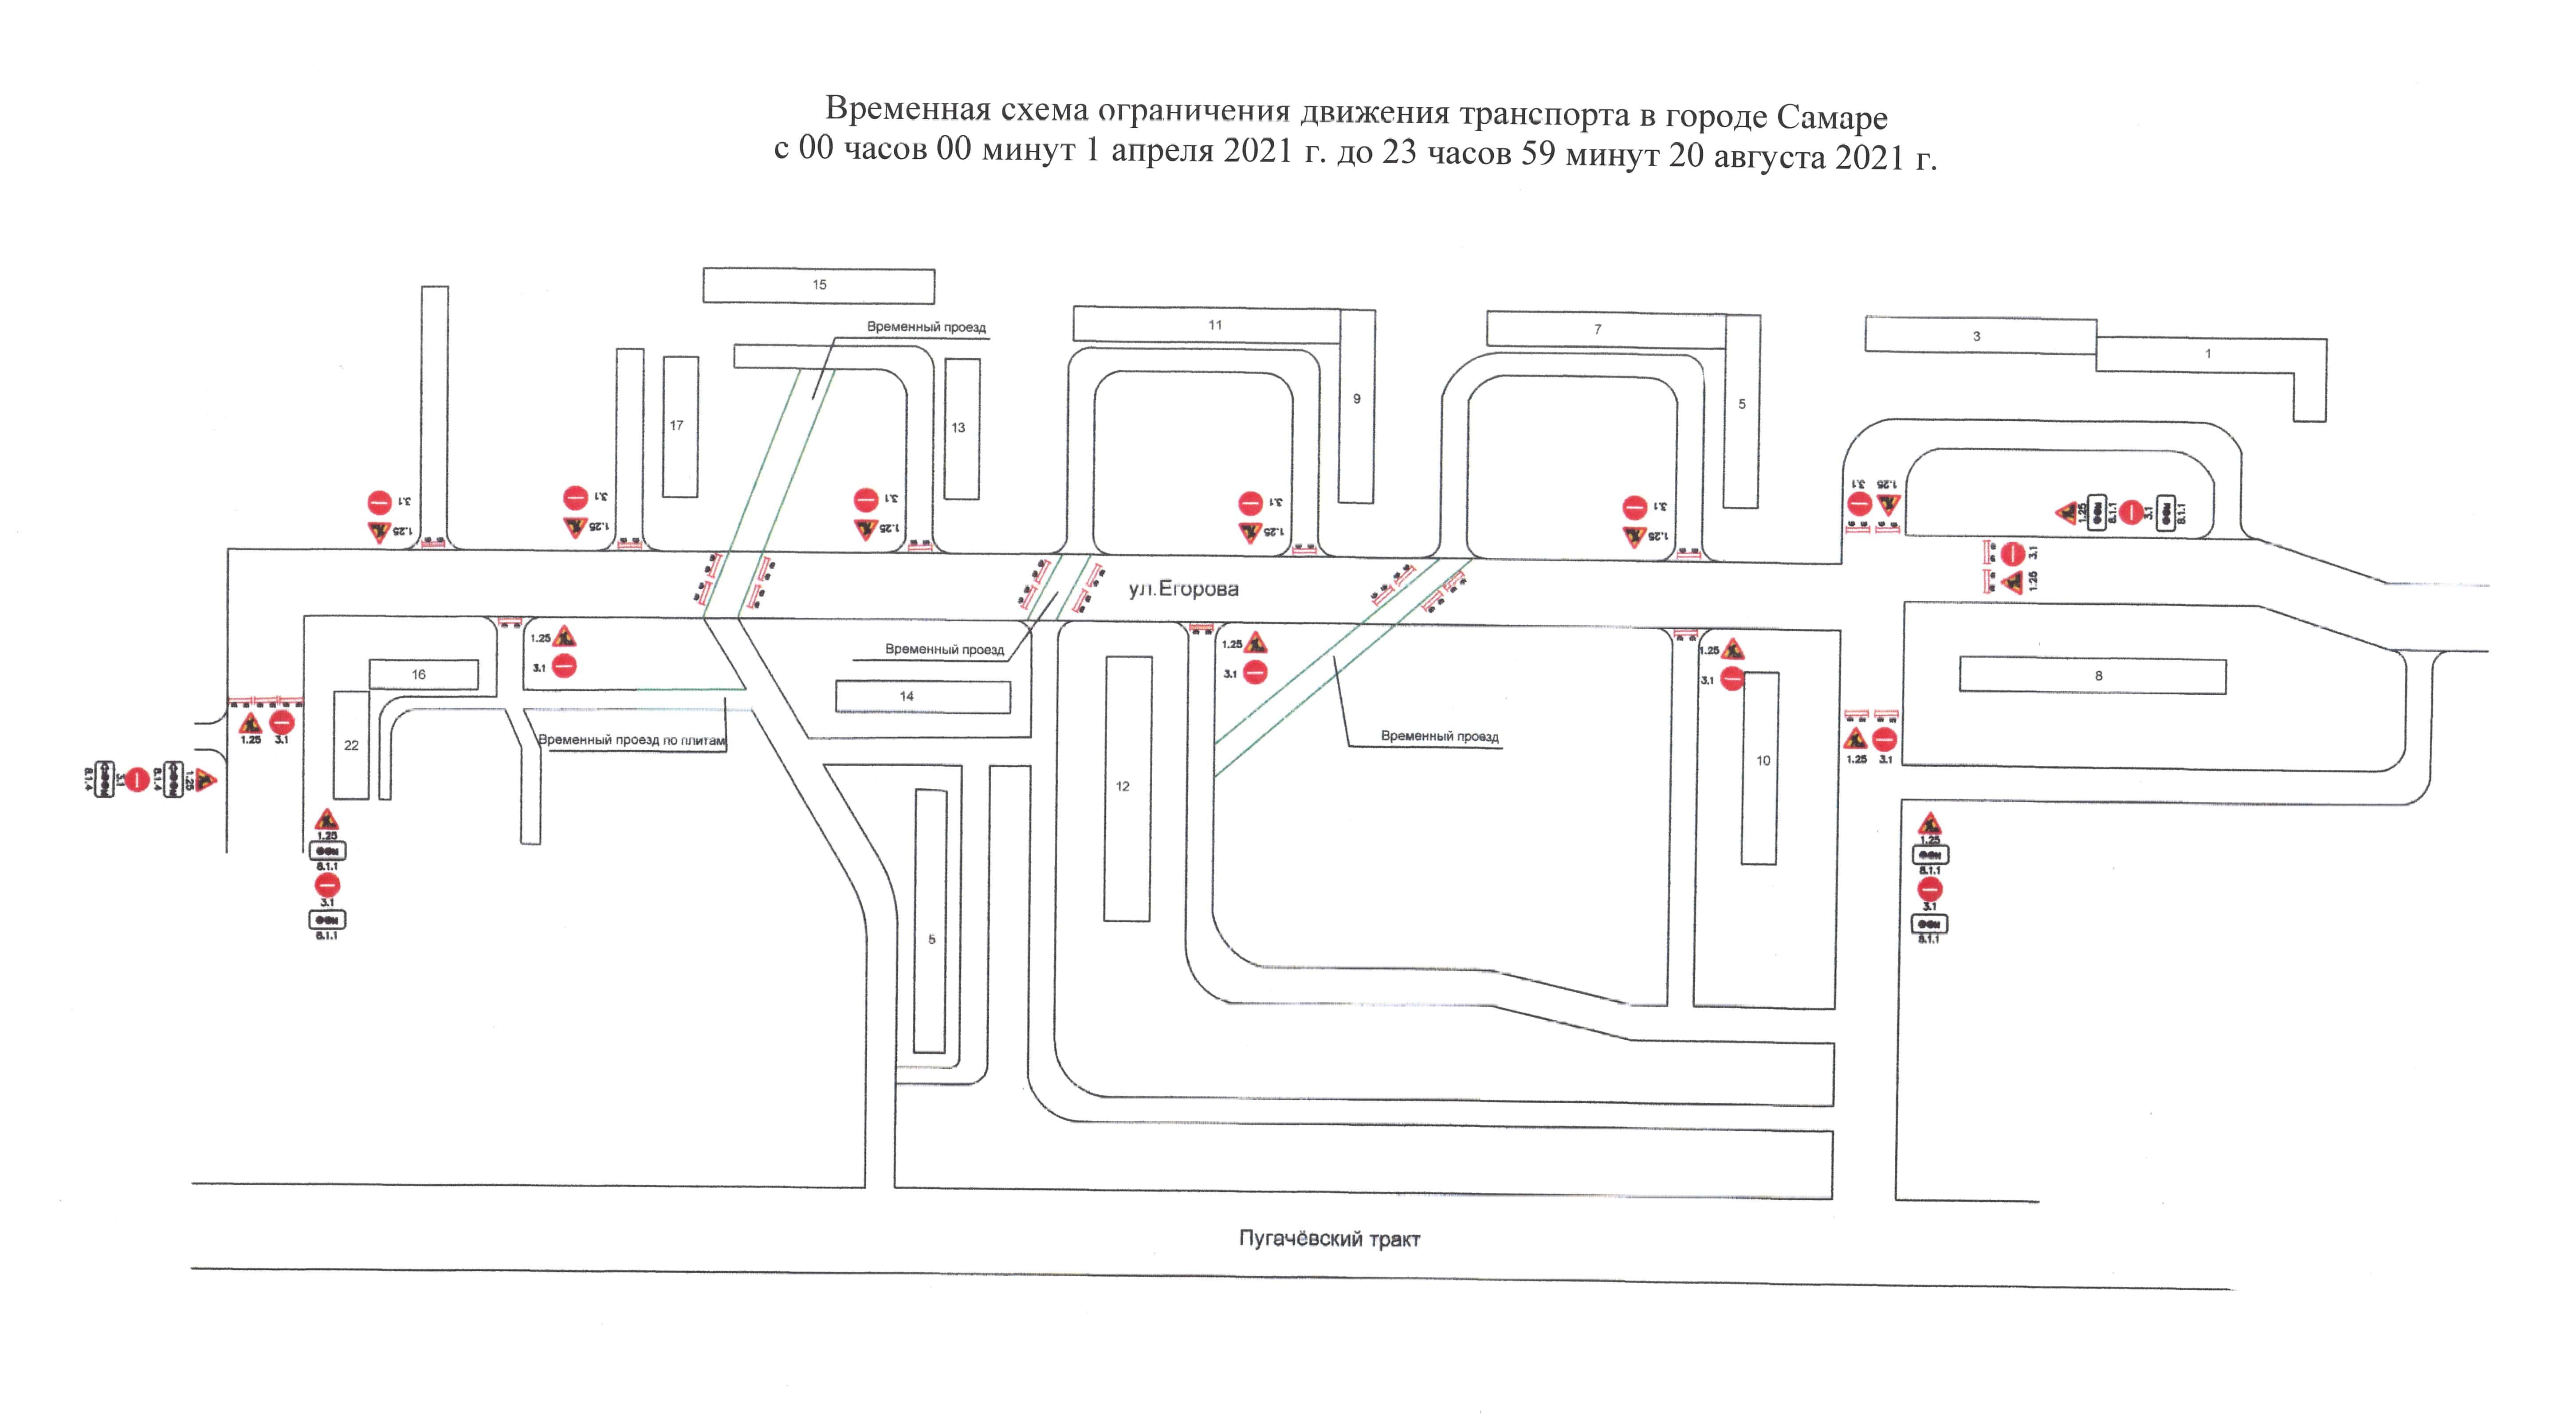 В Самаре с 1 апреля по 20 августа перекроют улицу Егорова от дома №8 до №22